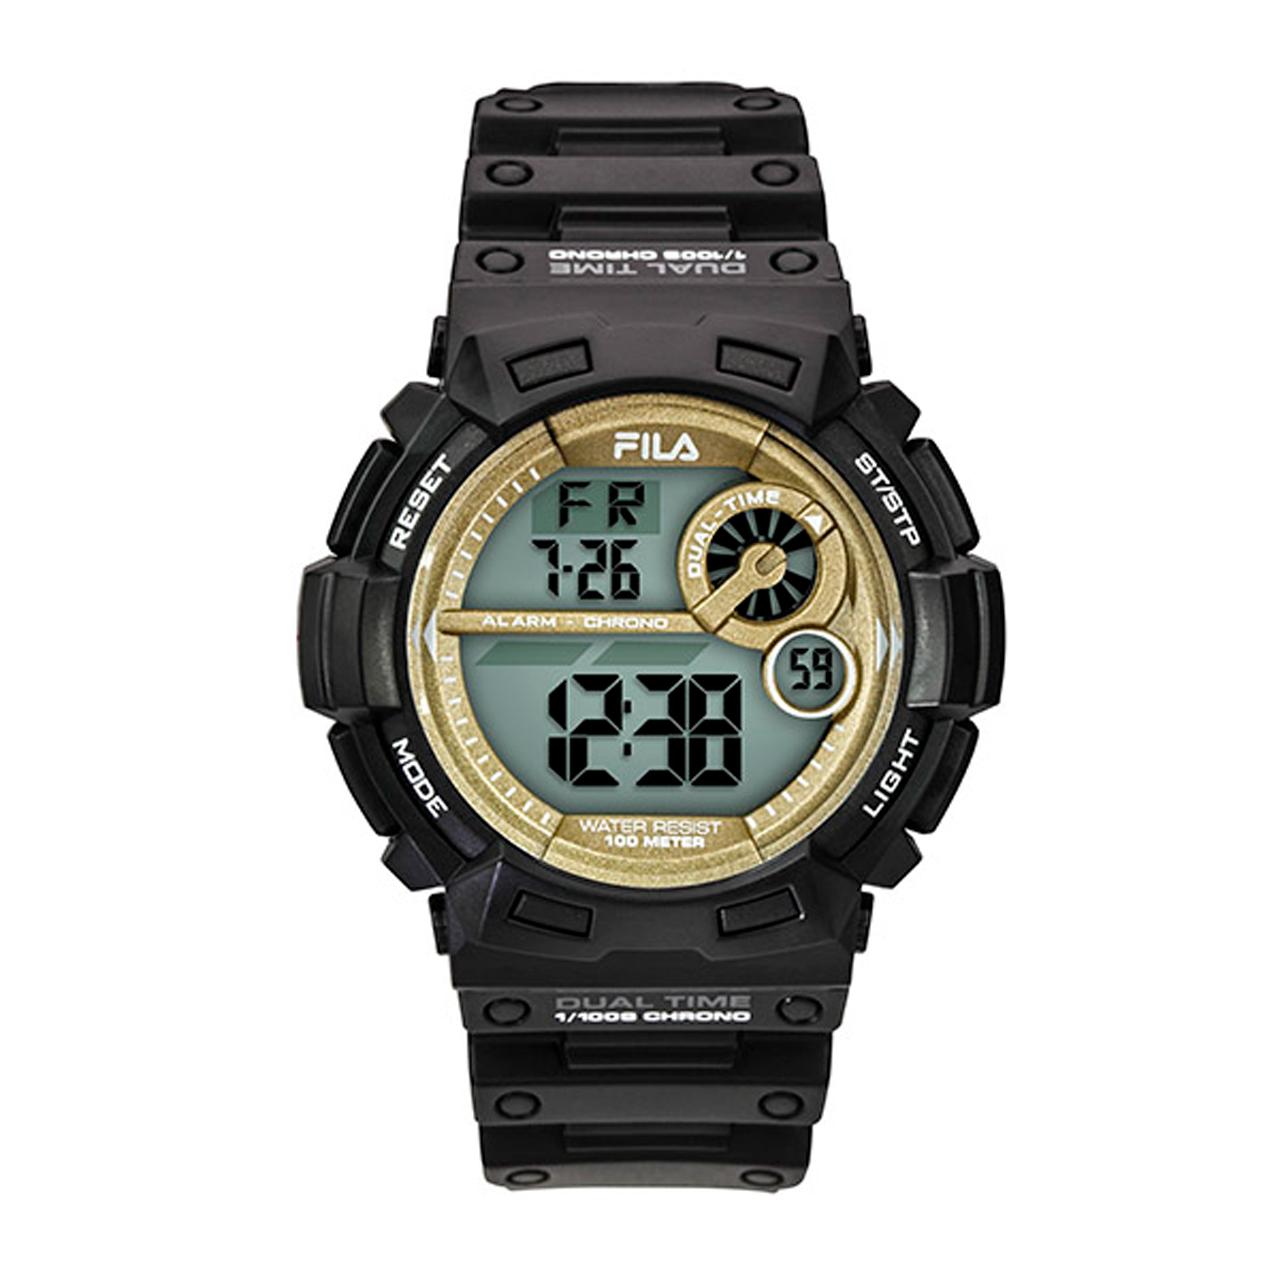 ساعت مچی عقربه ای مردانه ی فیلا مدل 38-110-007 4